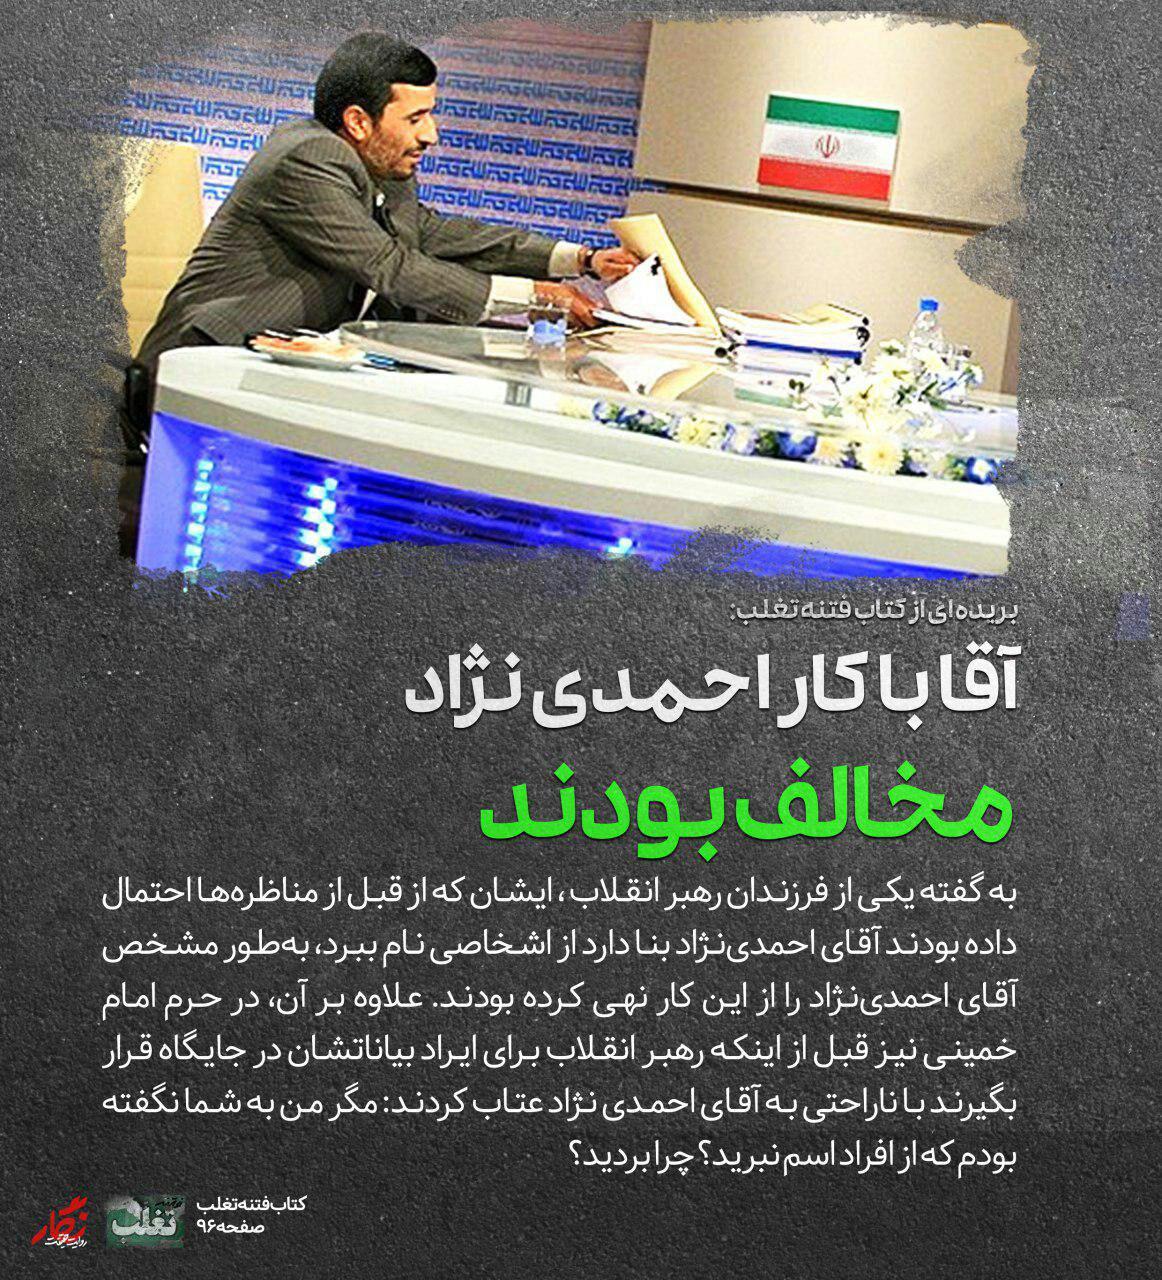 رهبر انقلاب با کار احمدینژاد مخالف بودند +تصویر